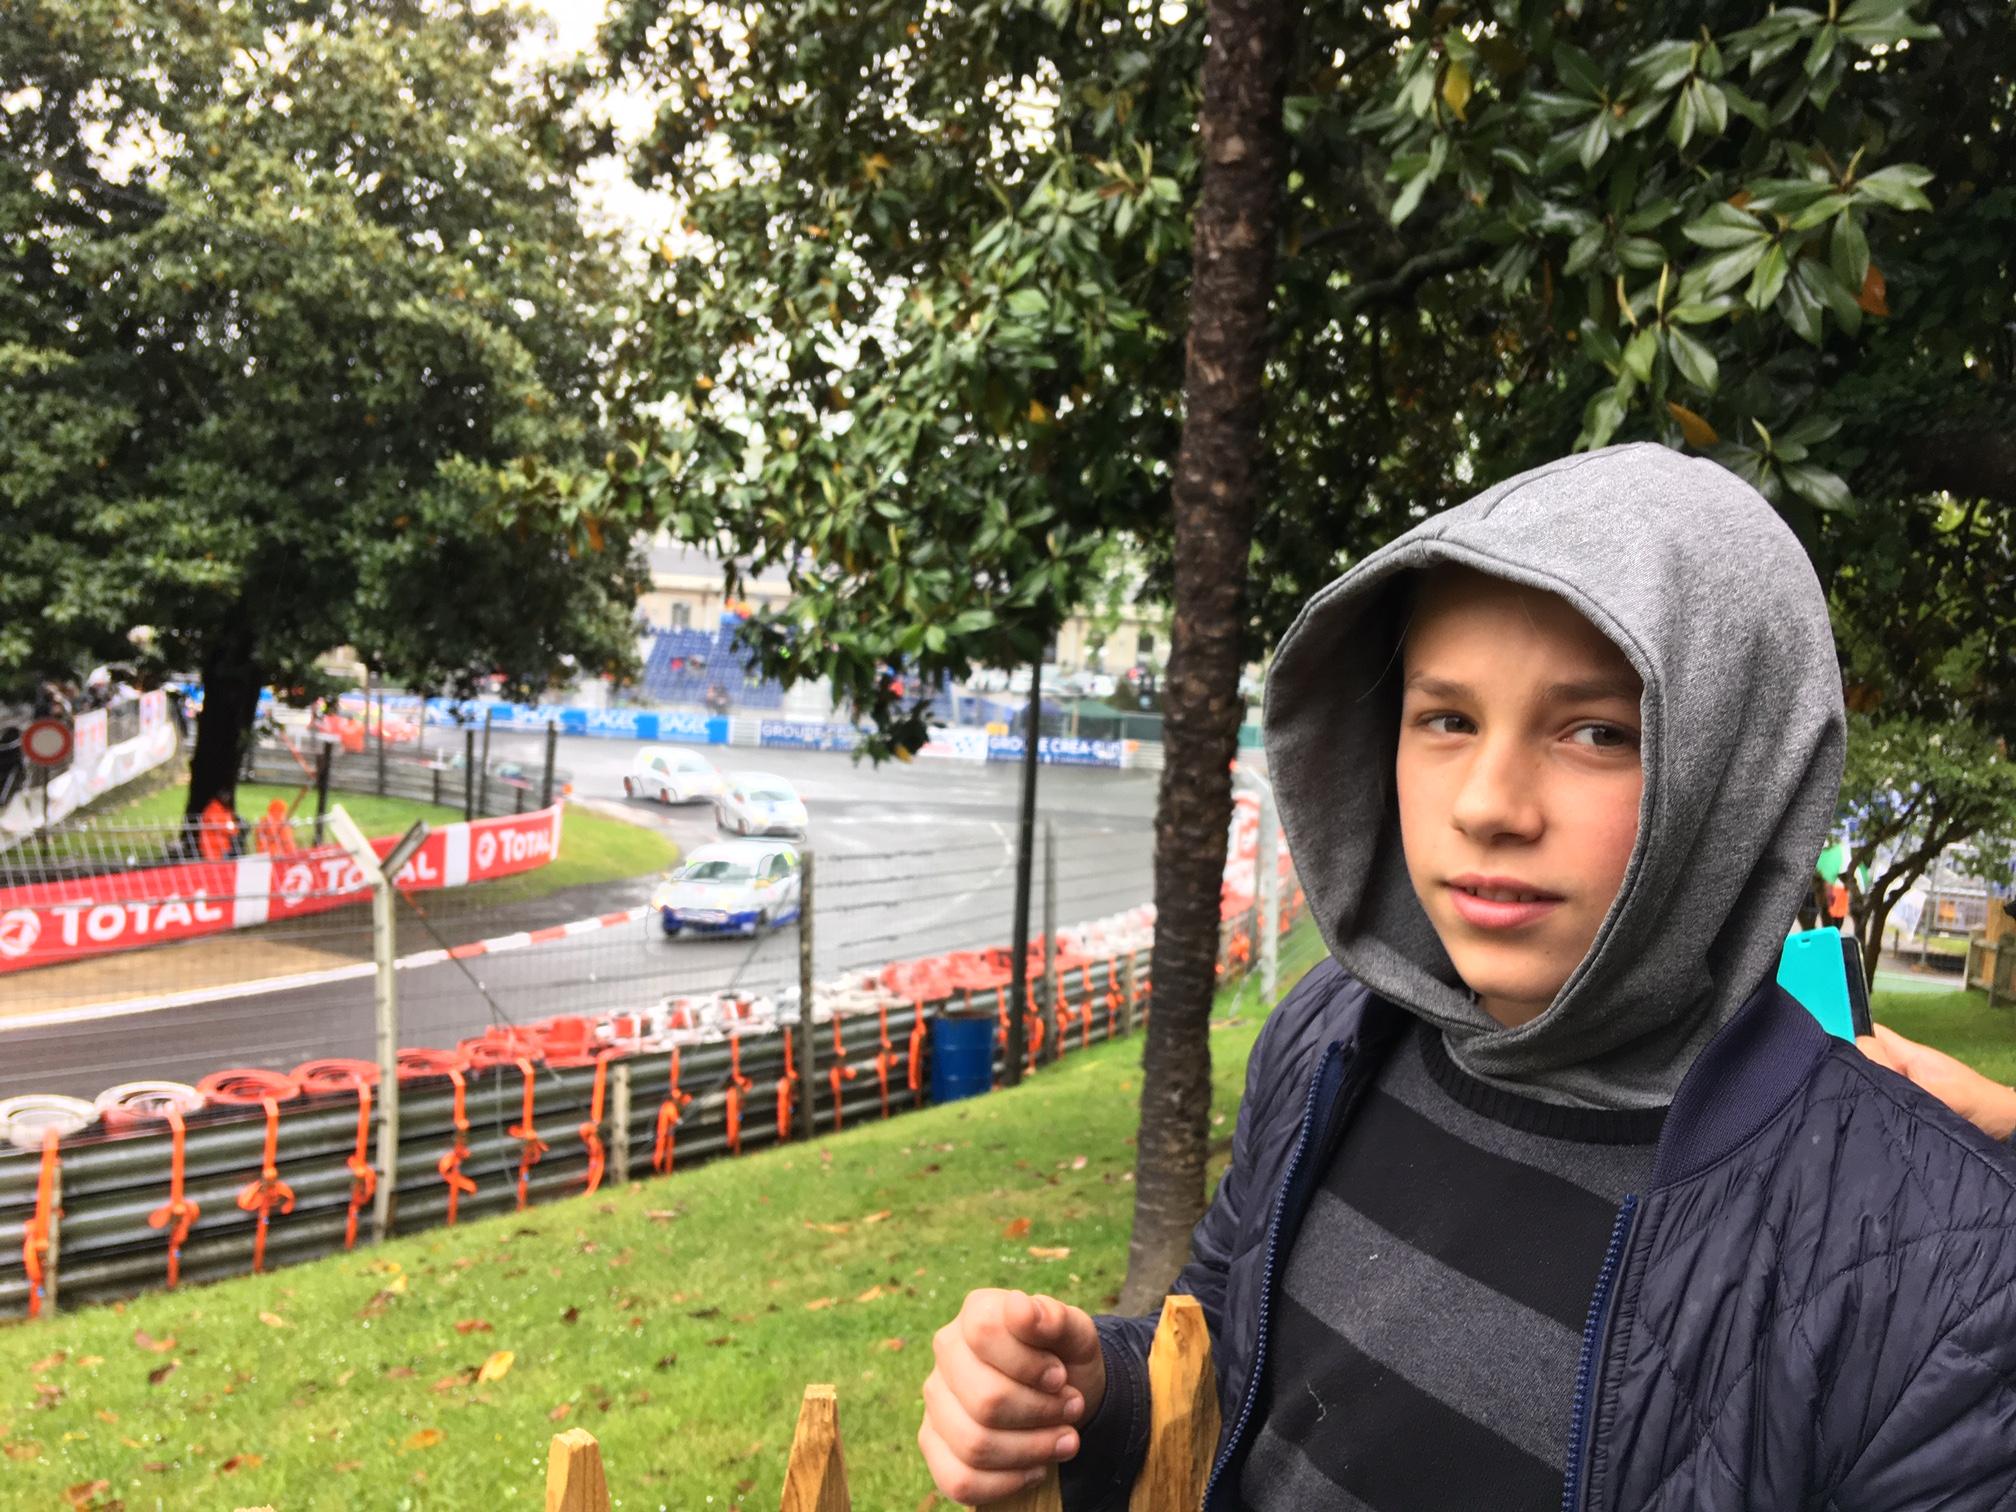 Grand Prix de Pau pour les élèves de 4ème du Collège Sainte-Bernadette de Pau